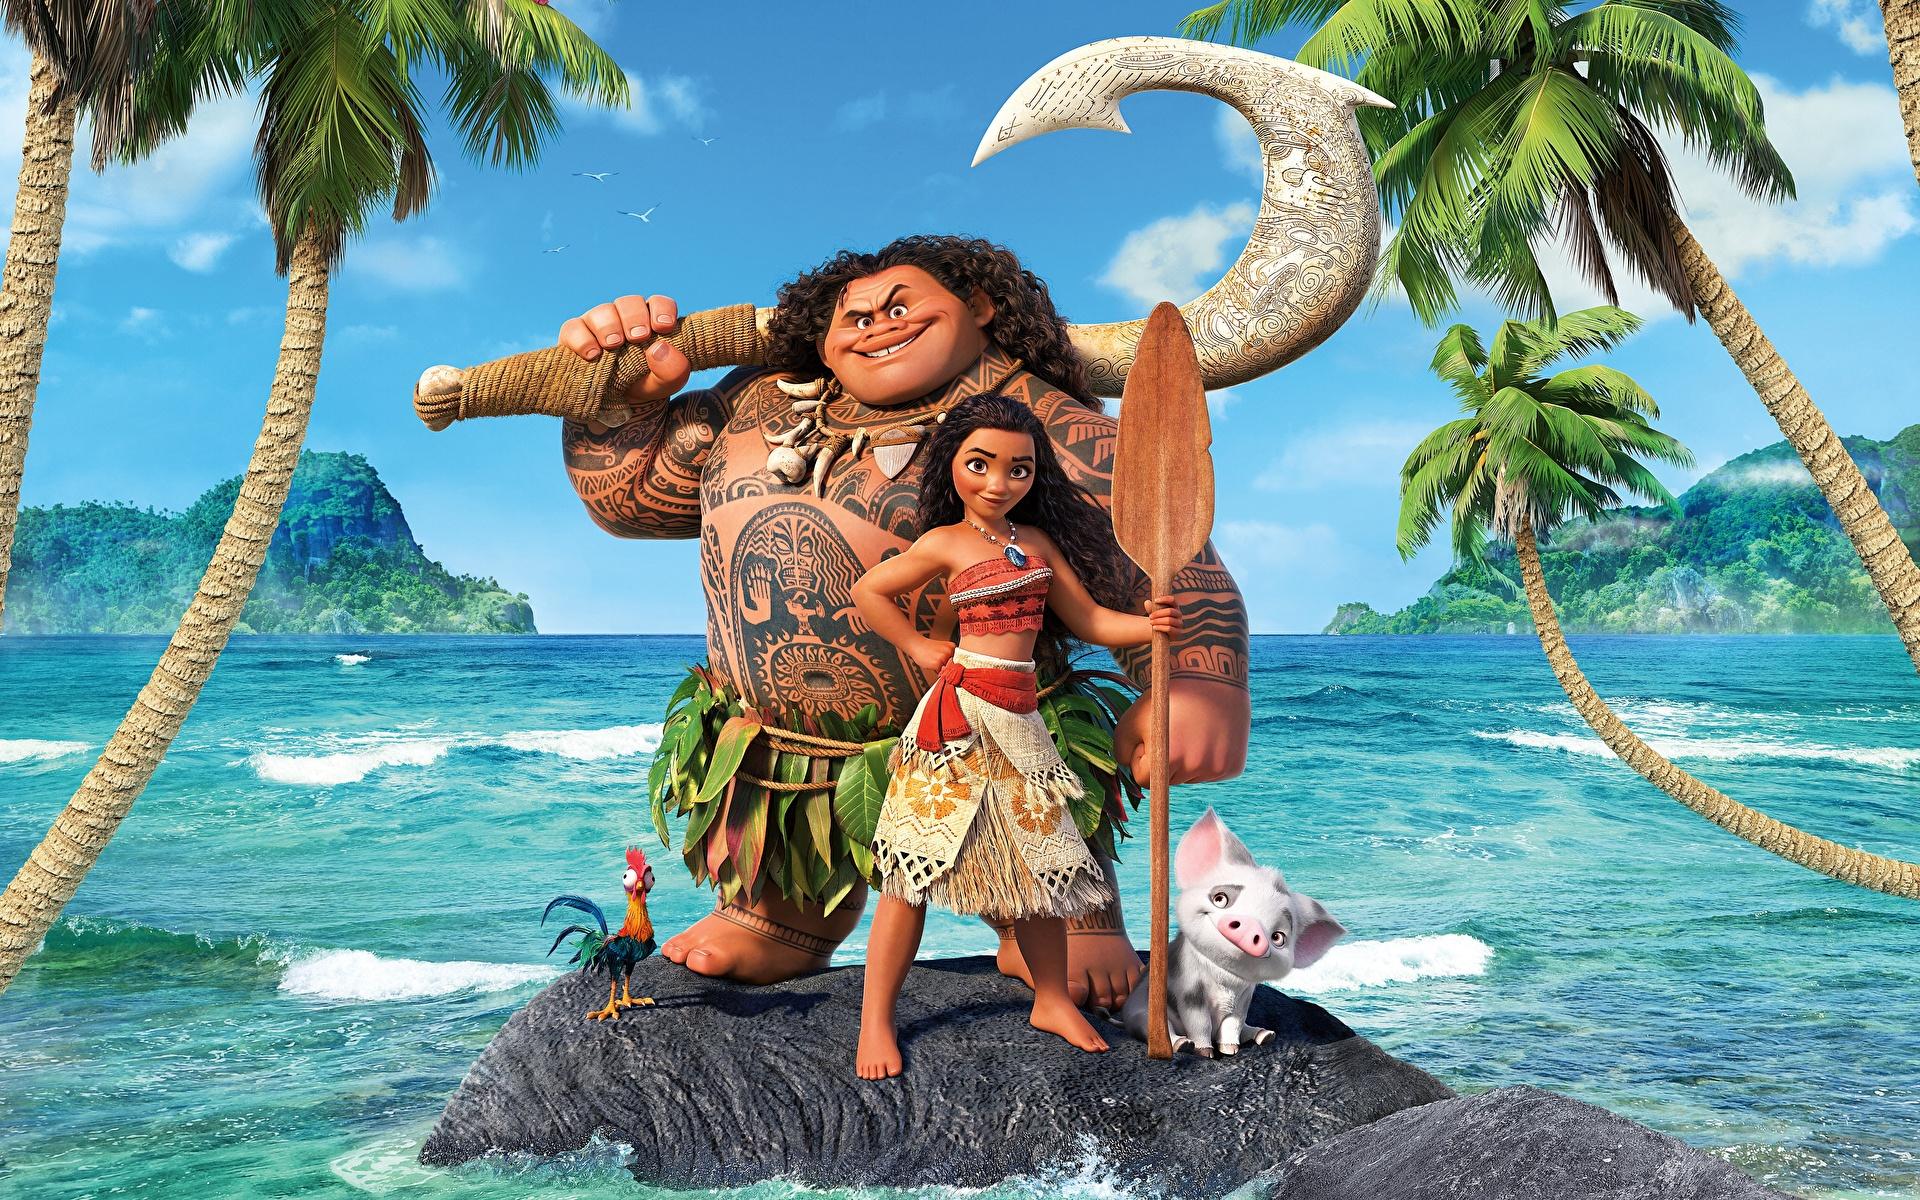 Foto Vaiana – Das Paradies hat einen Hak Maui Meer Mädchens Animationsfilm 1920x1200 Zeichentrickfilm